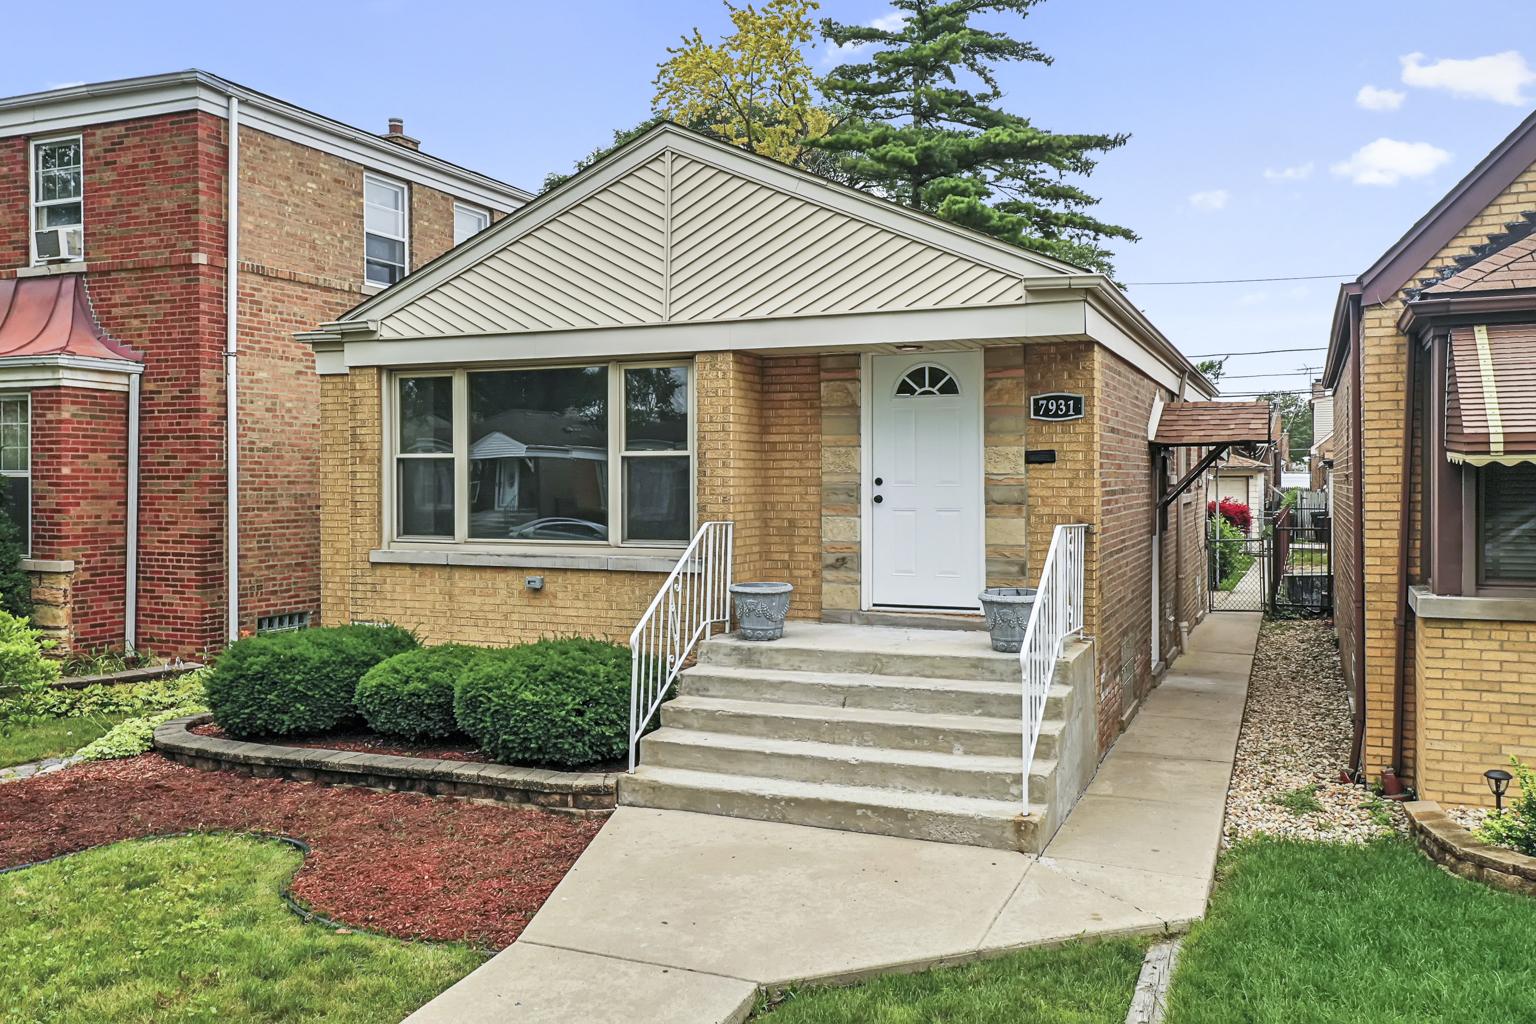 7931 S richmond Street, Chicago IL 60652